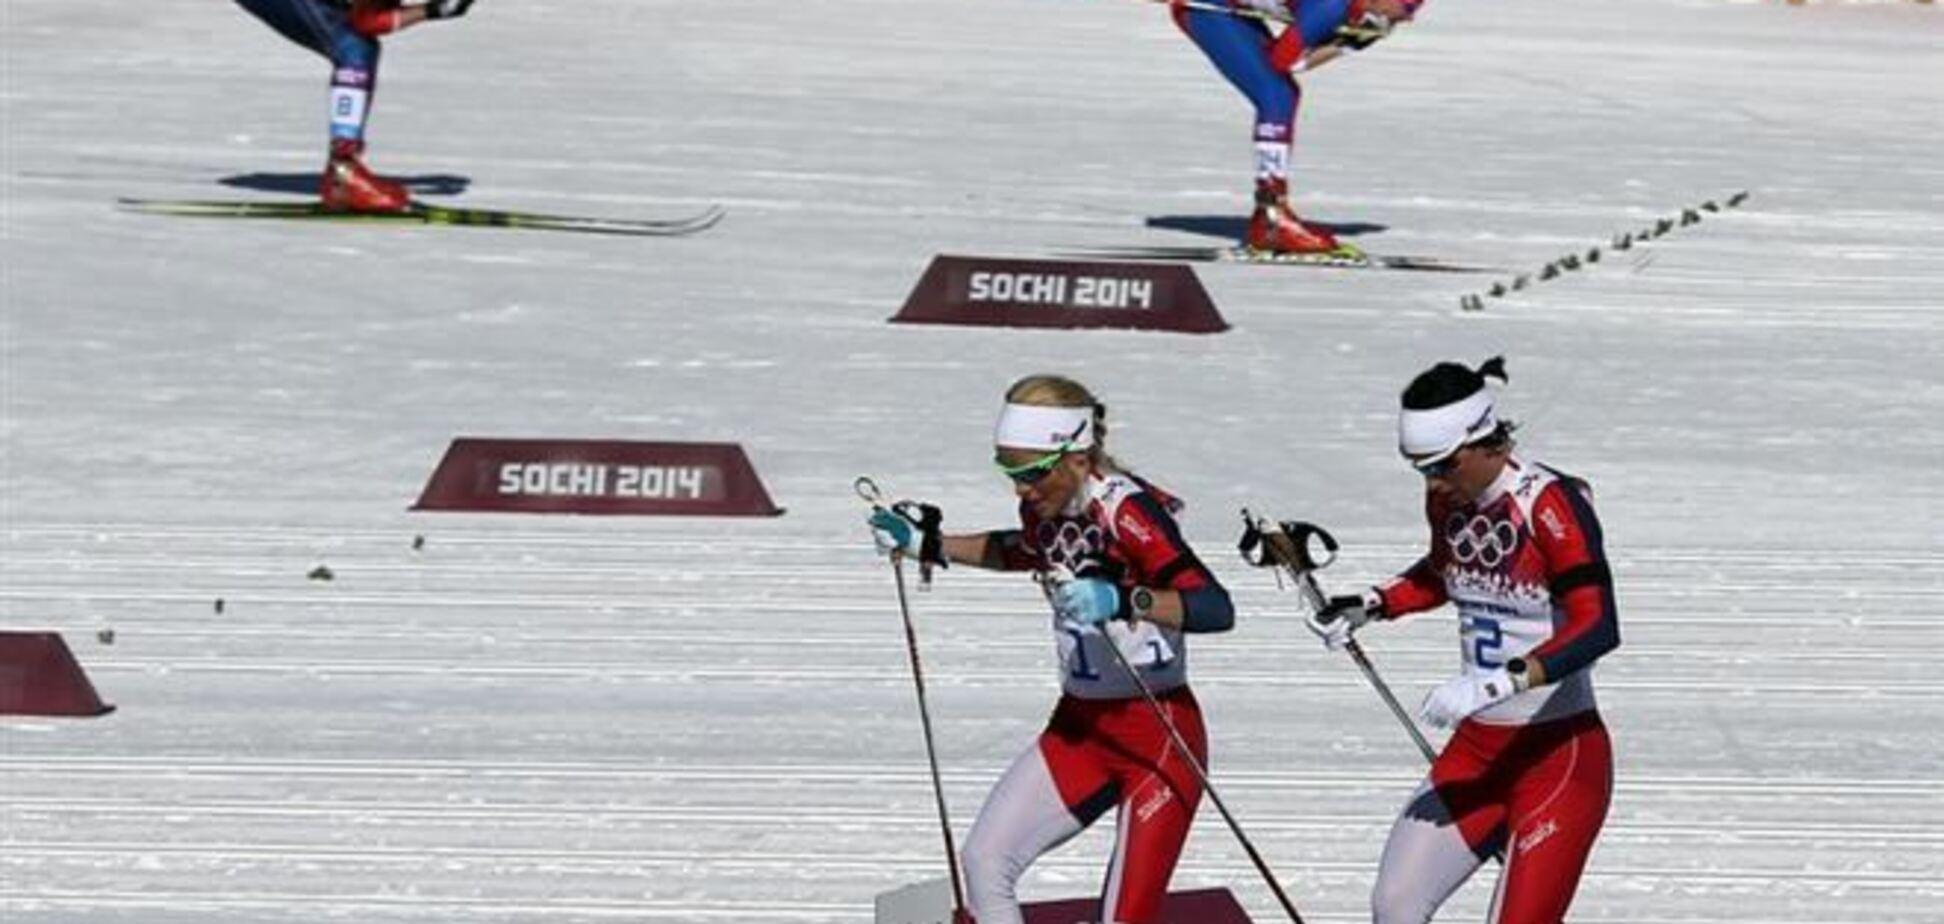 Сочи-2014. Украинки не добрались до медалей в скиатлоне